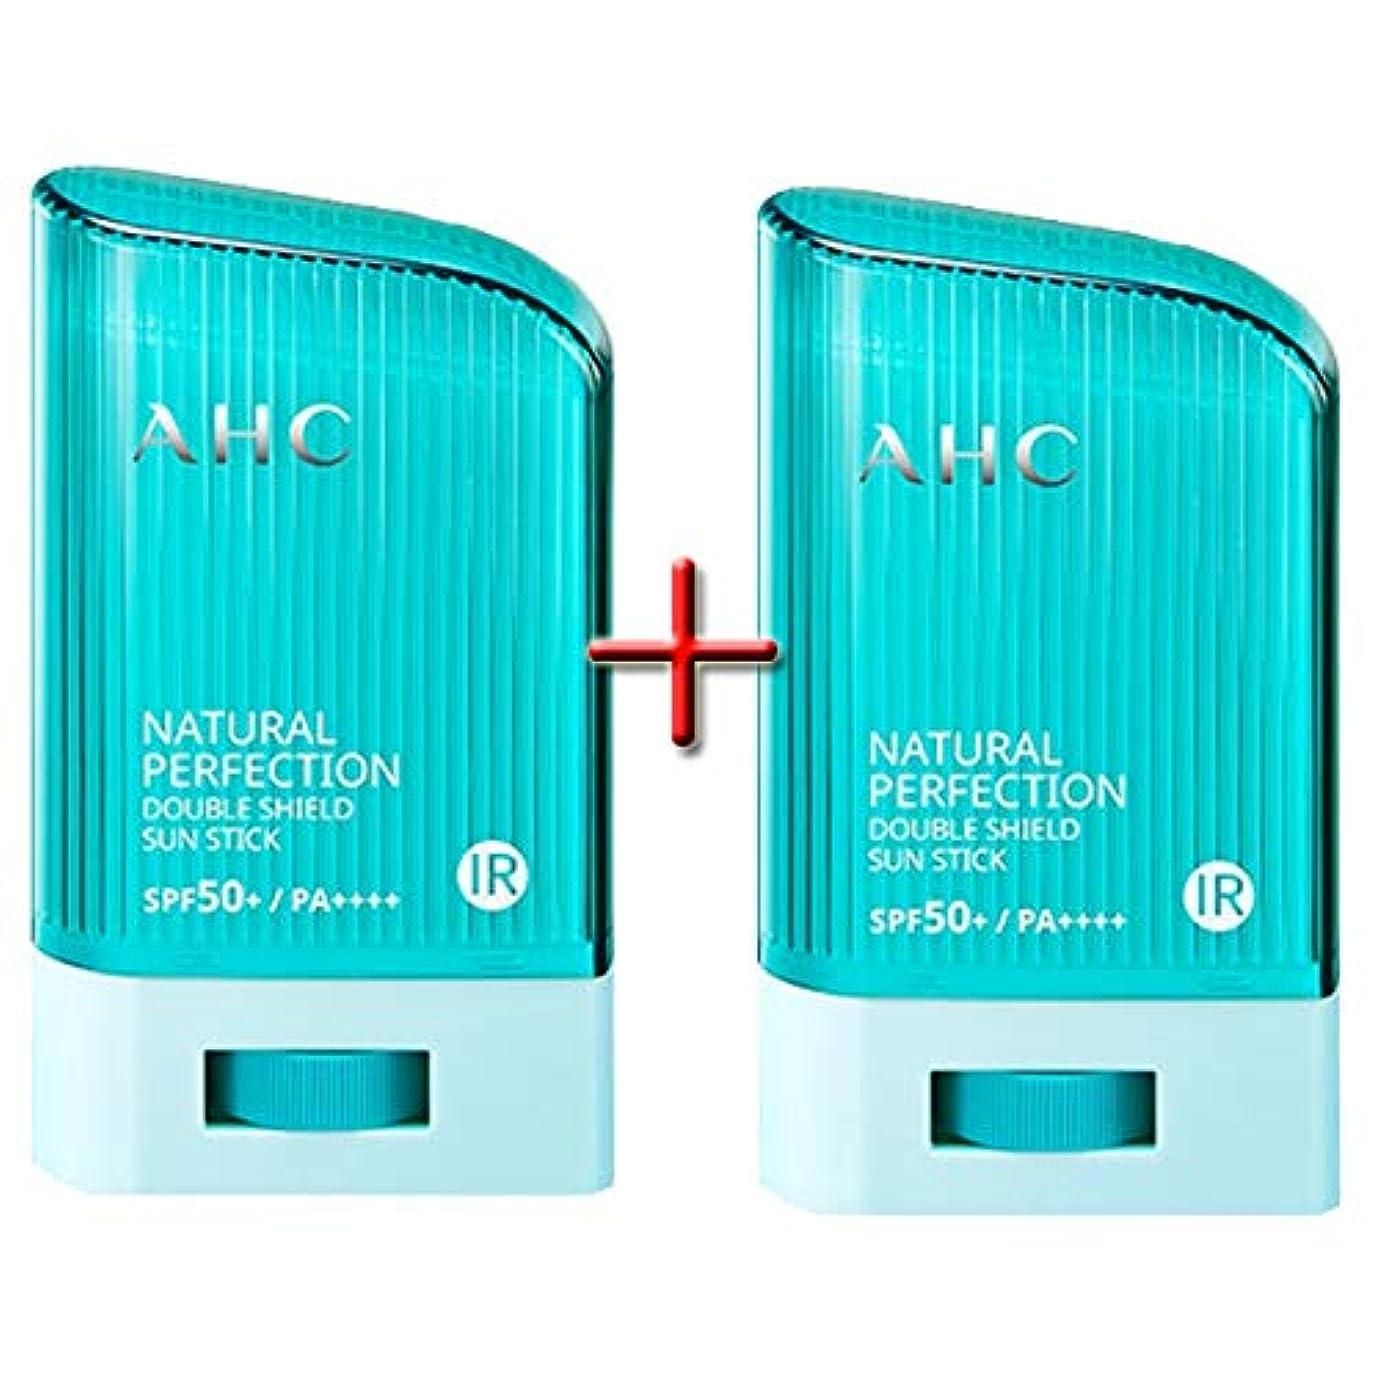 アイスクリーム護衛悪行[ 1+1 ] AHC ナチュラルパーフェクションダブルシールドサンスティック 22g, Natural Perfection Double Shield Sun Stick SPF50+ PA++++